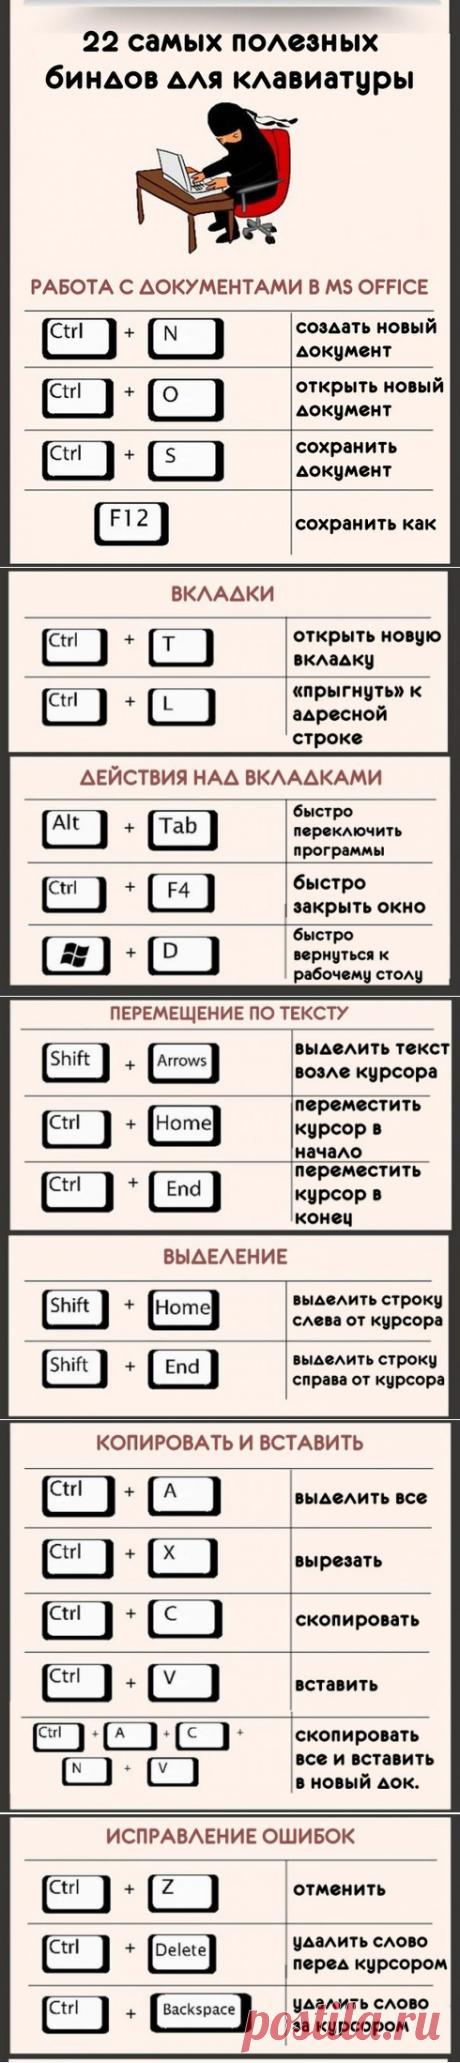 Самые полезные бинды для клавиатуры